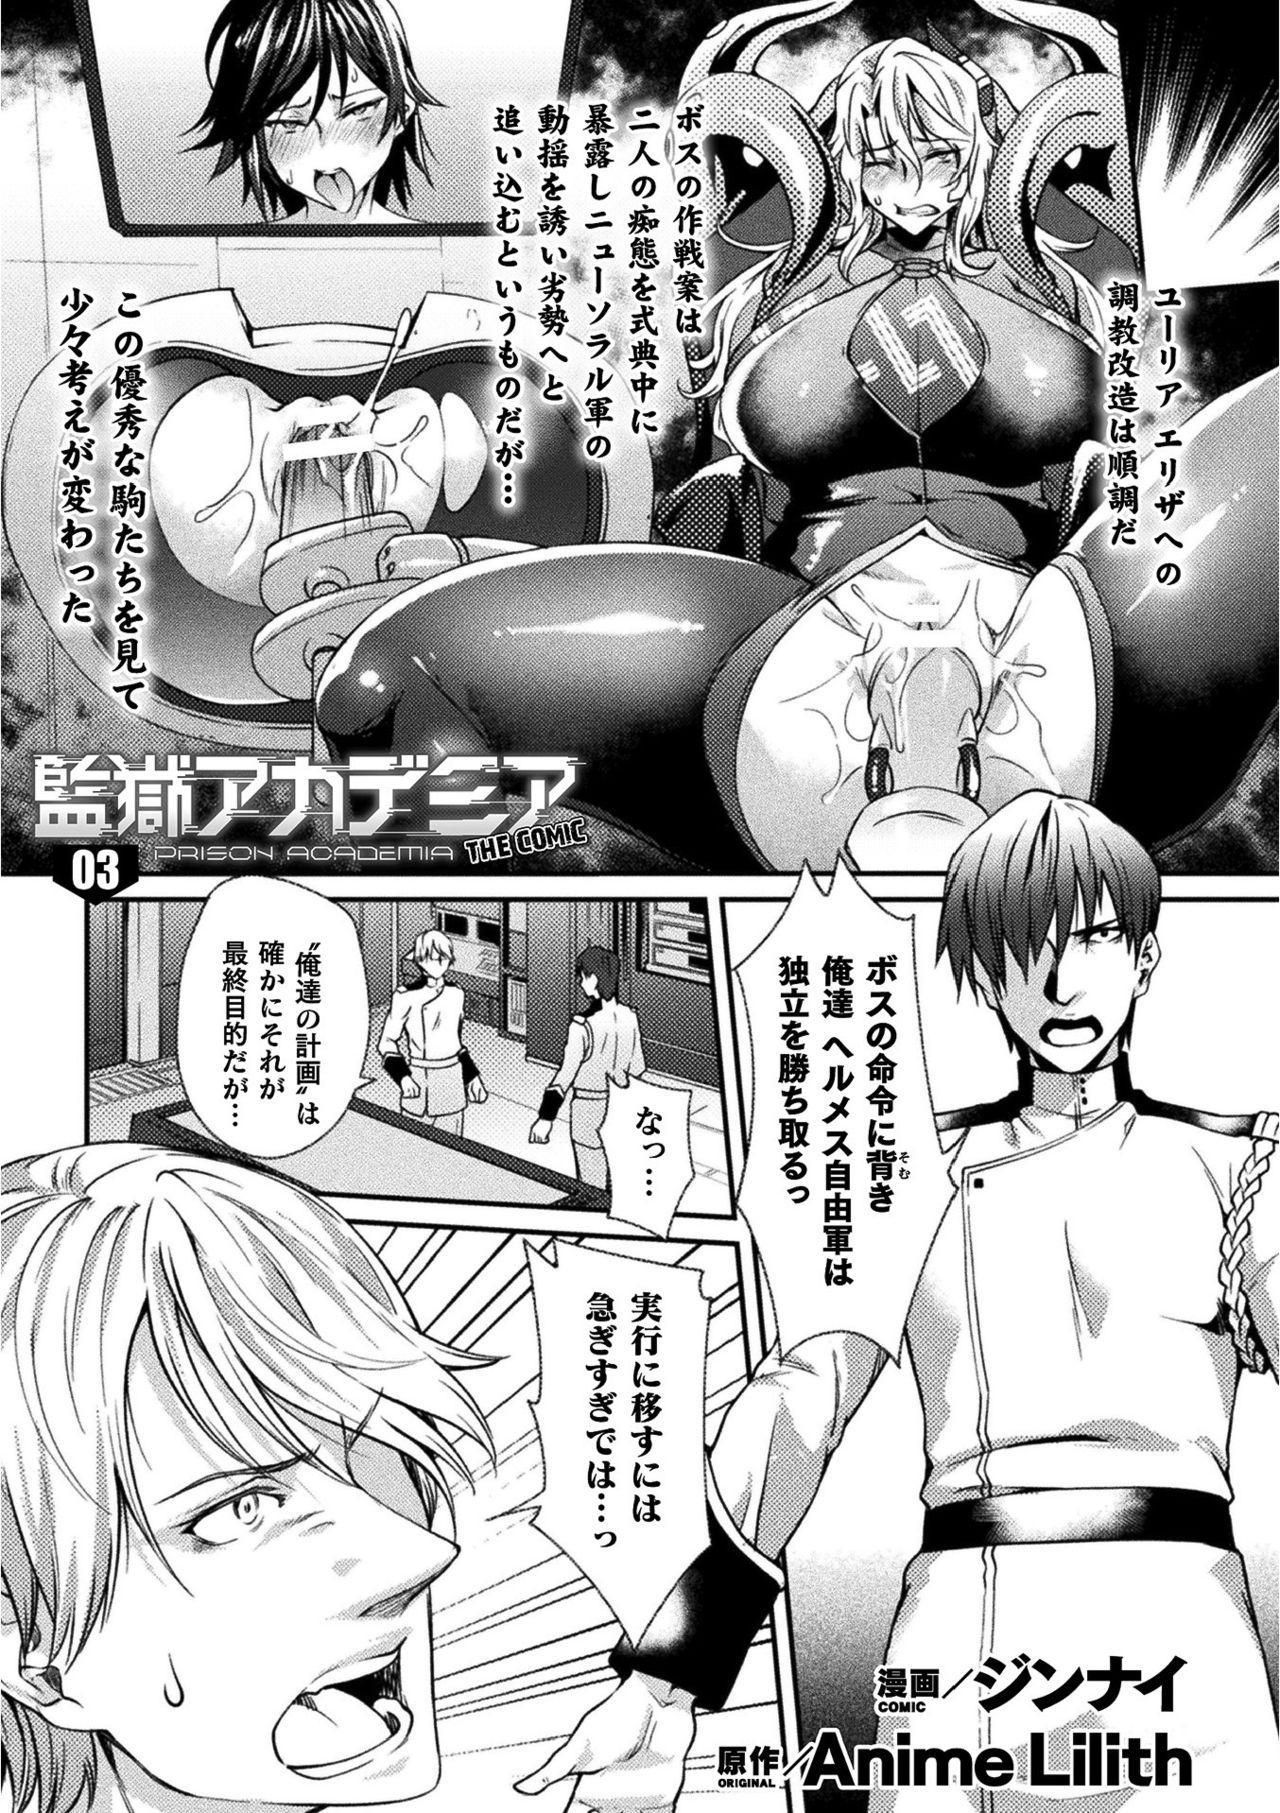 Kukkoro Heroines Vol. 12 52